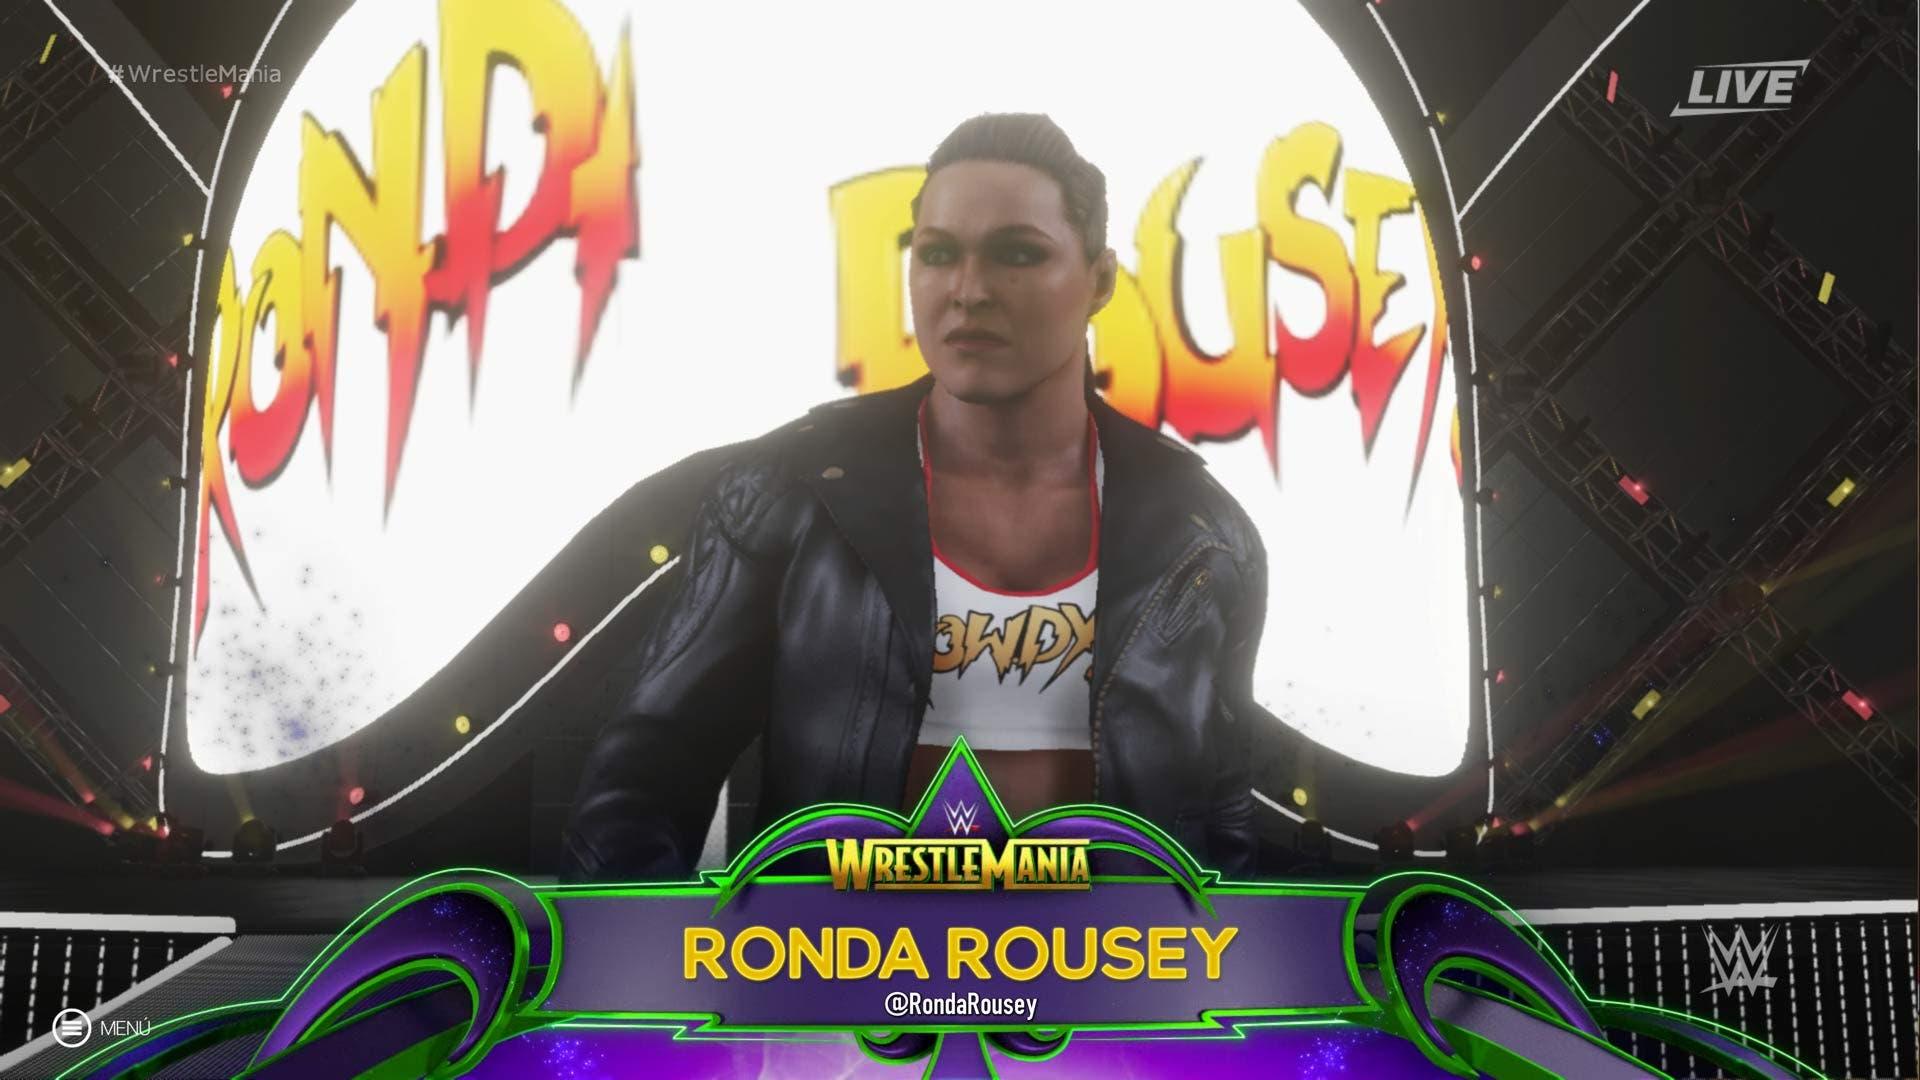 Análisis de WWE 2K19 - Xbox One 2